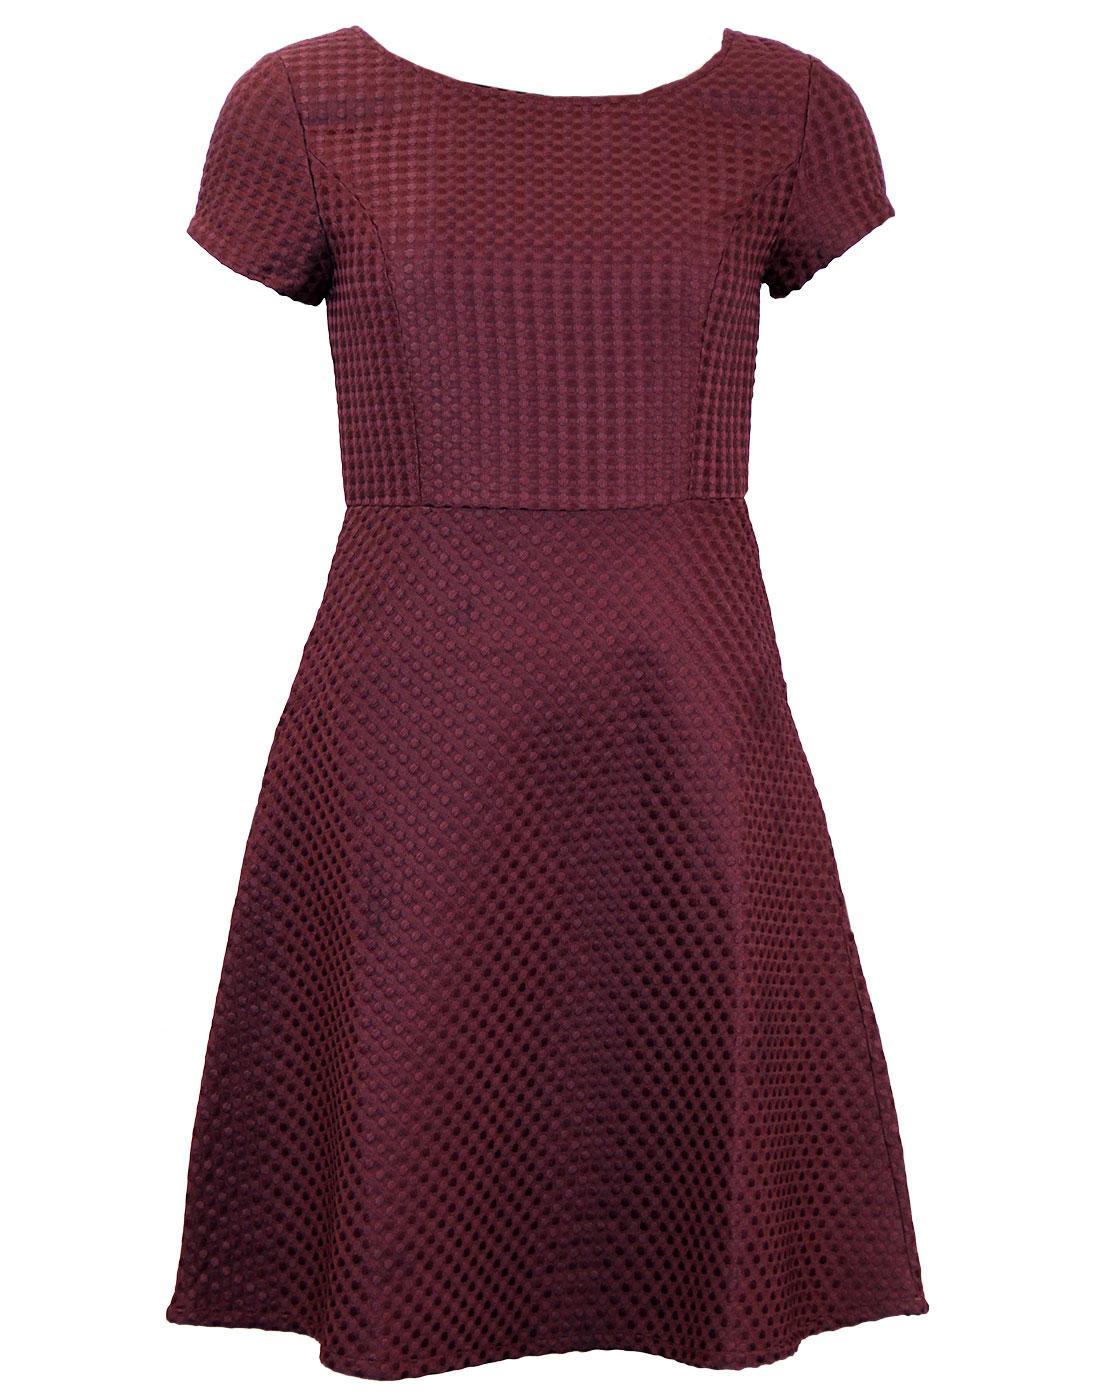 Yosu FEVER Retro 1950s Textured Spot Prom Dress